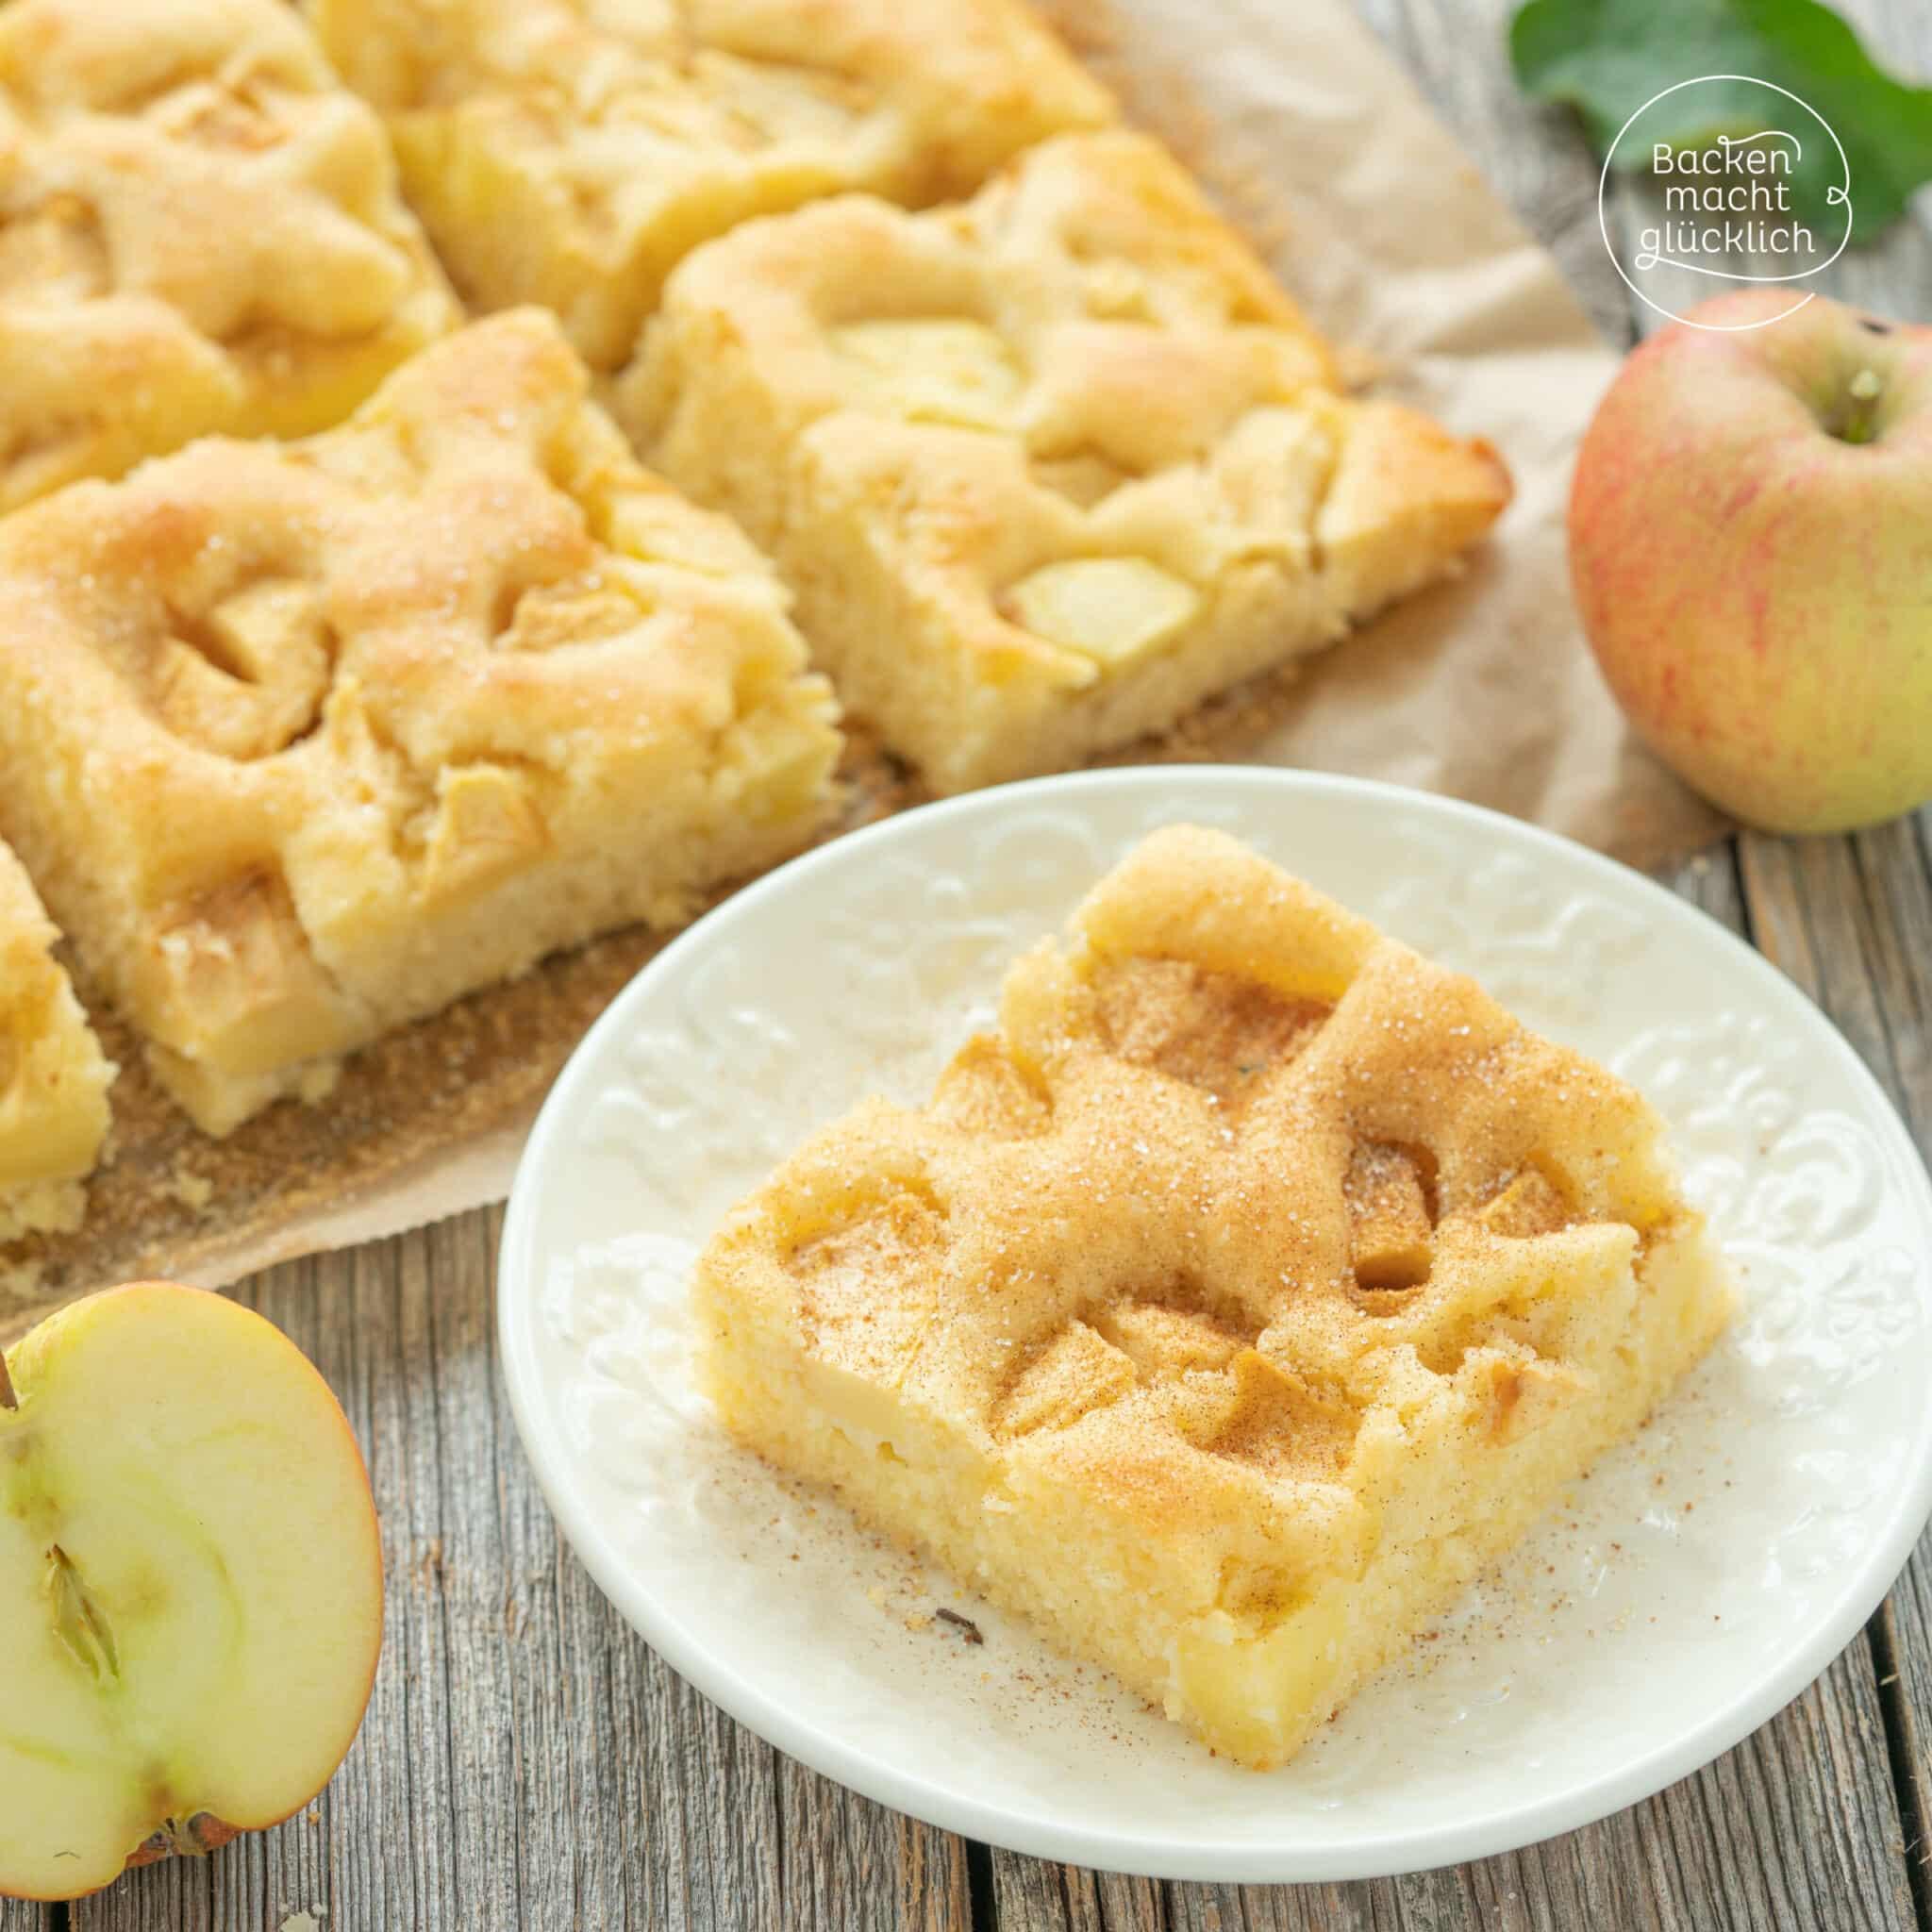 Mandeln mit Apfel blechkuchen